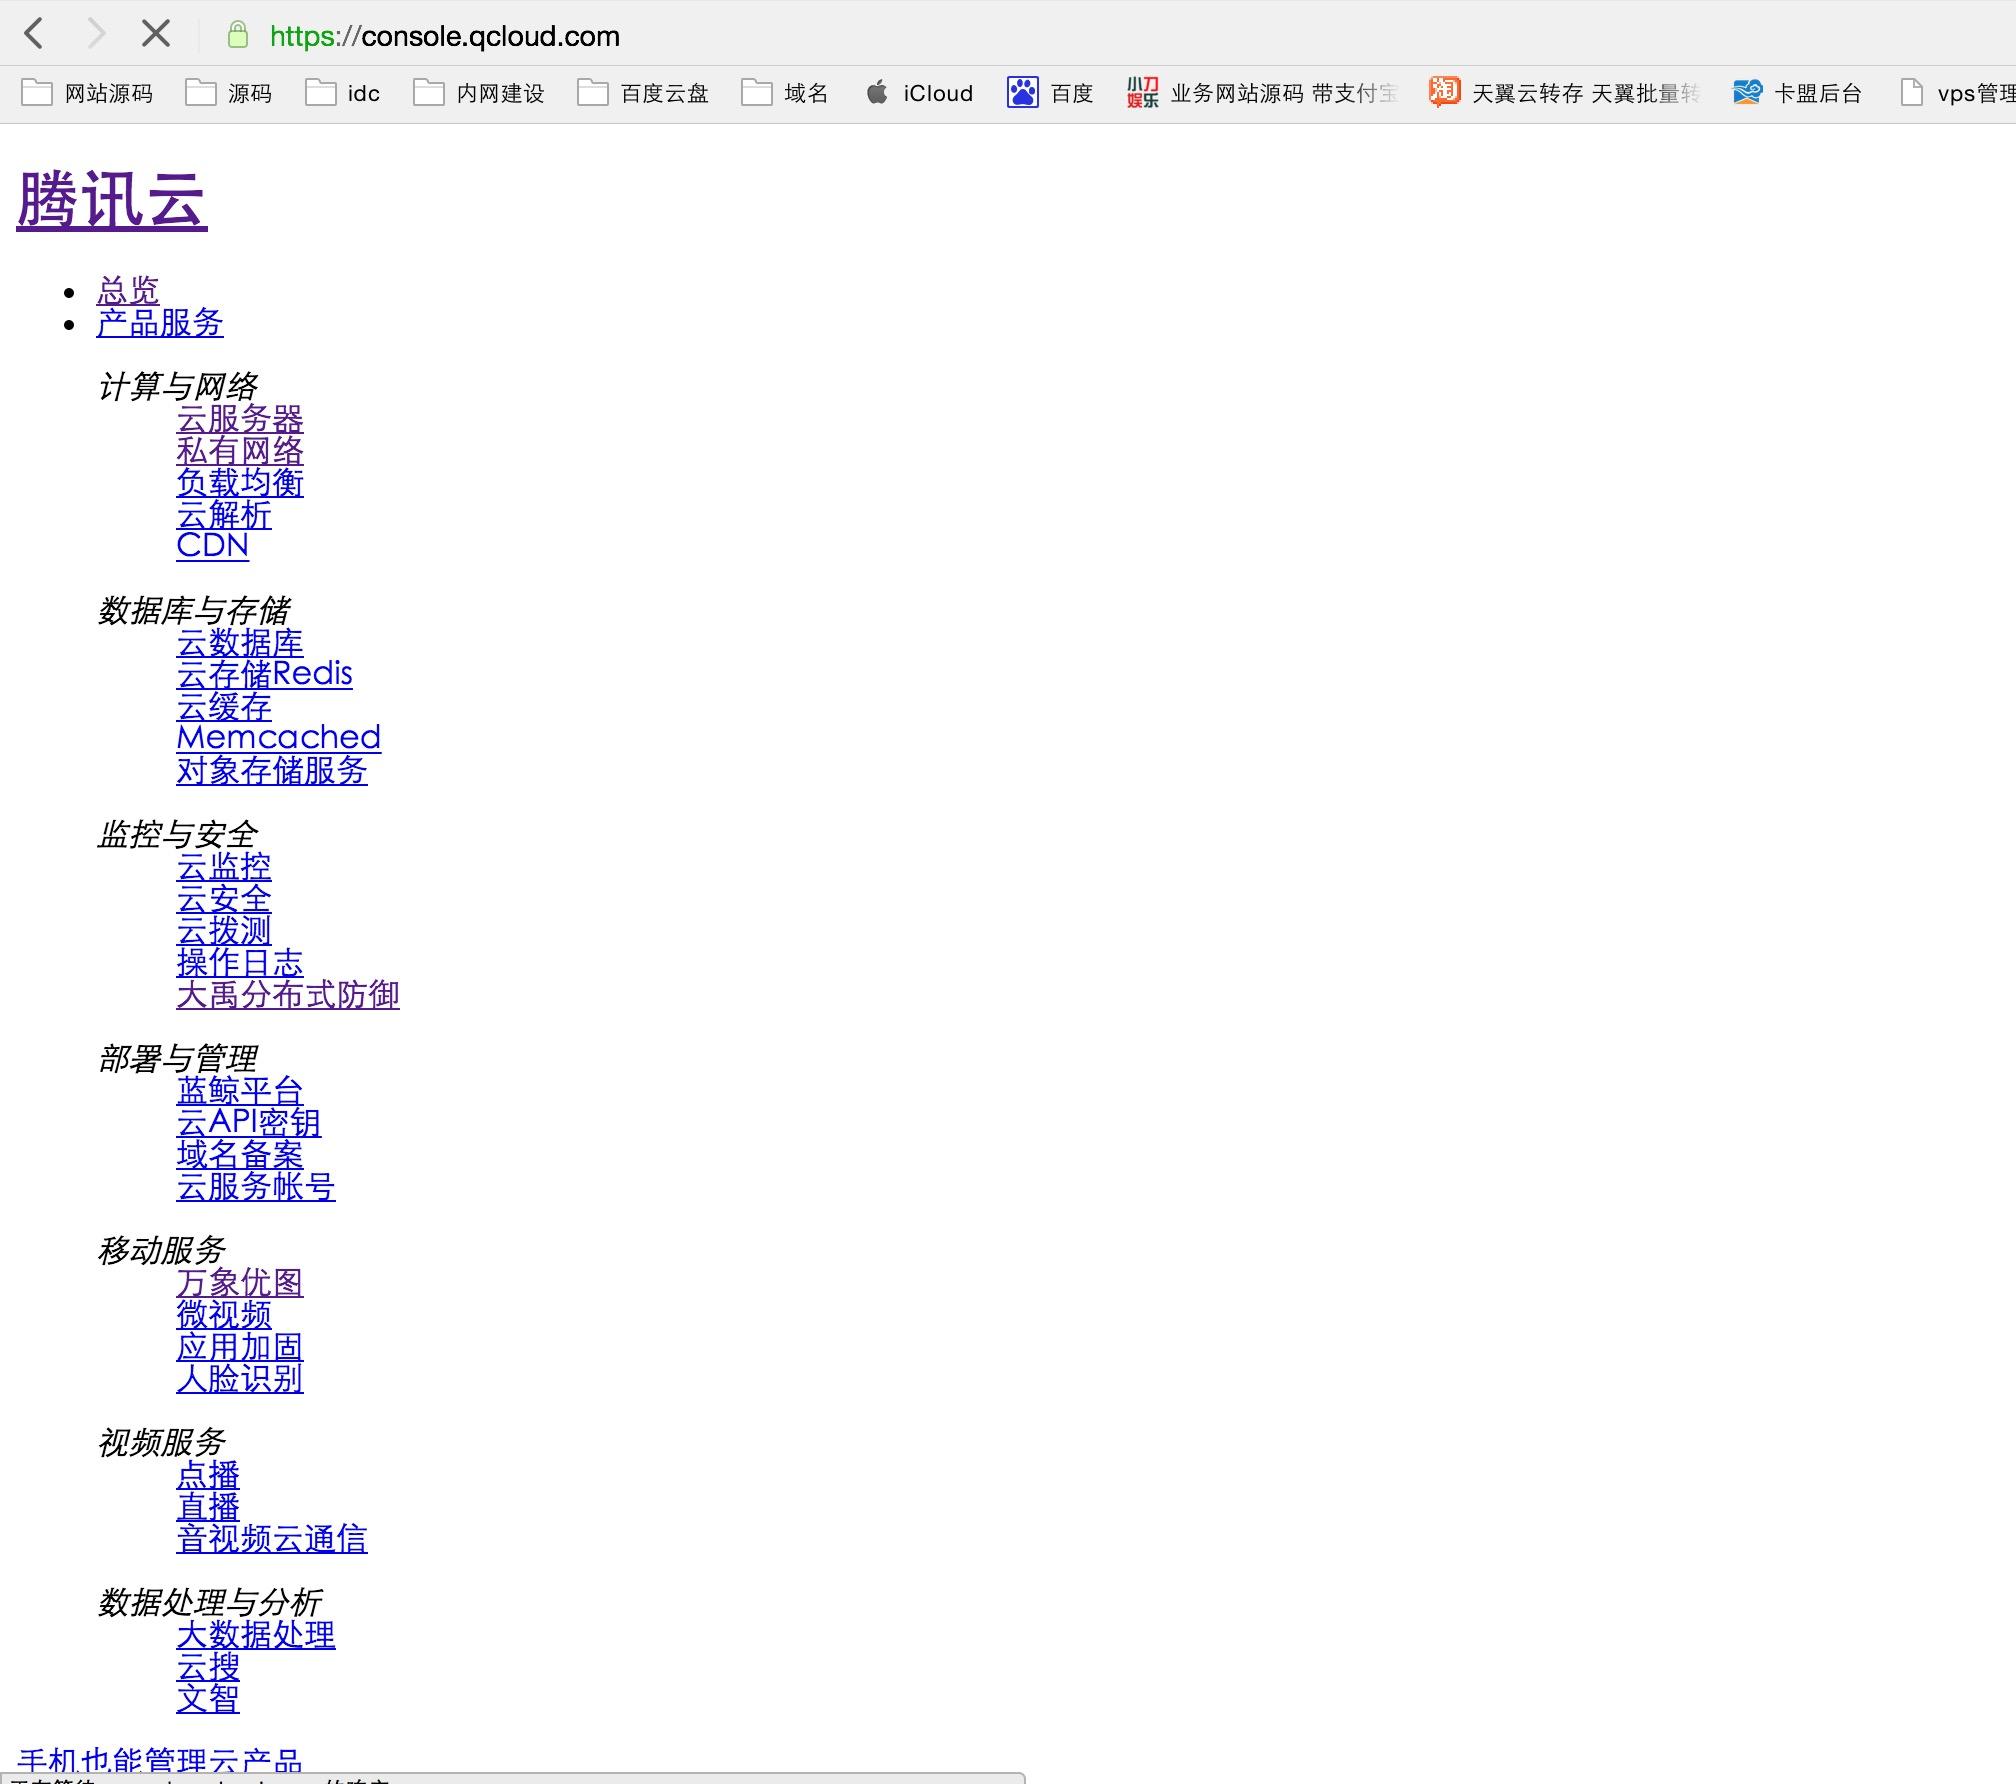 0A63AE2F-5029-428C-ABBE-0FF25BD6A020.png